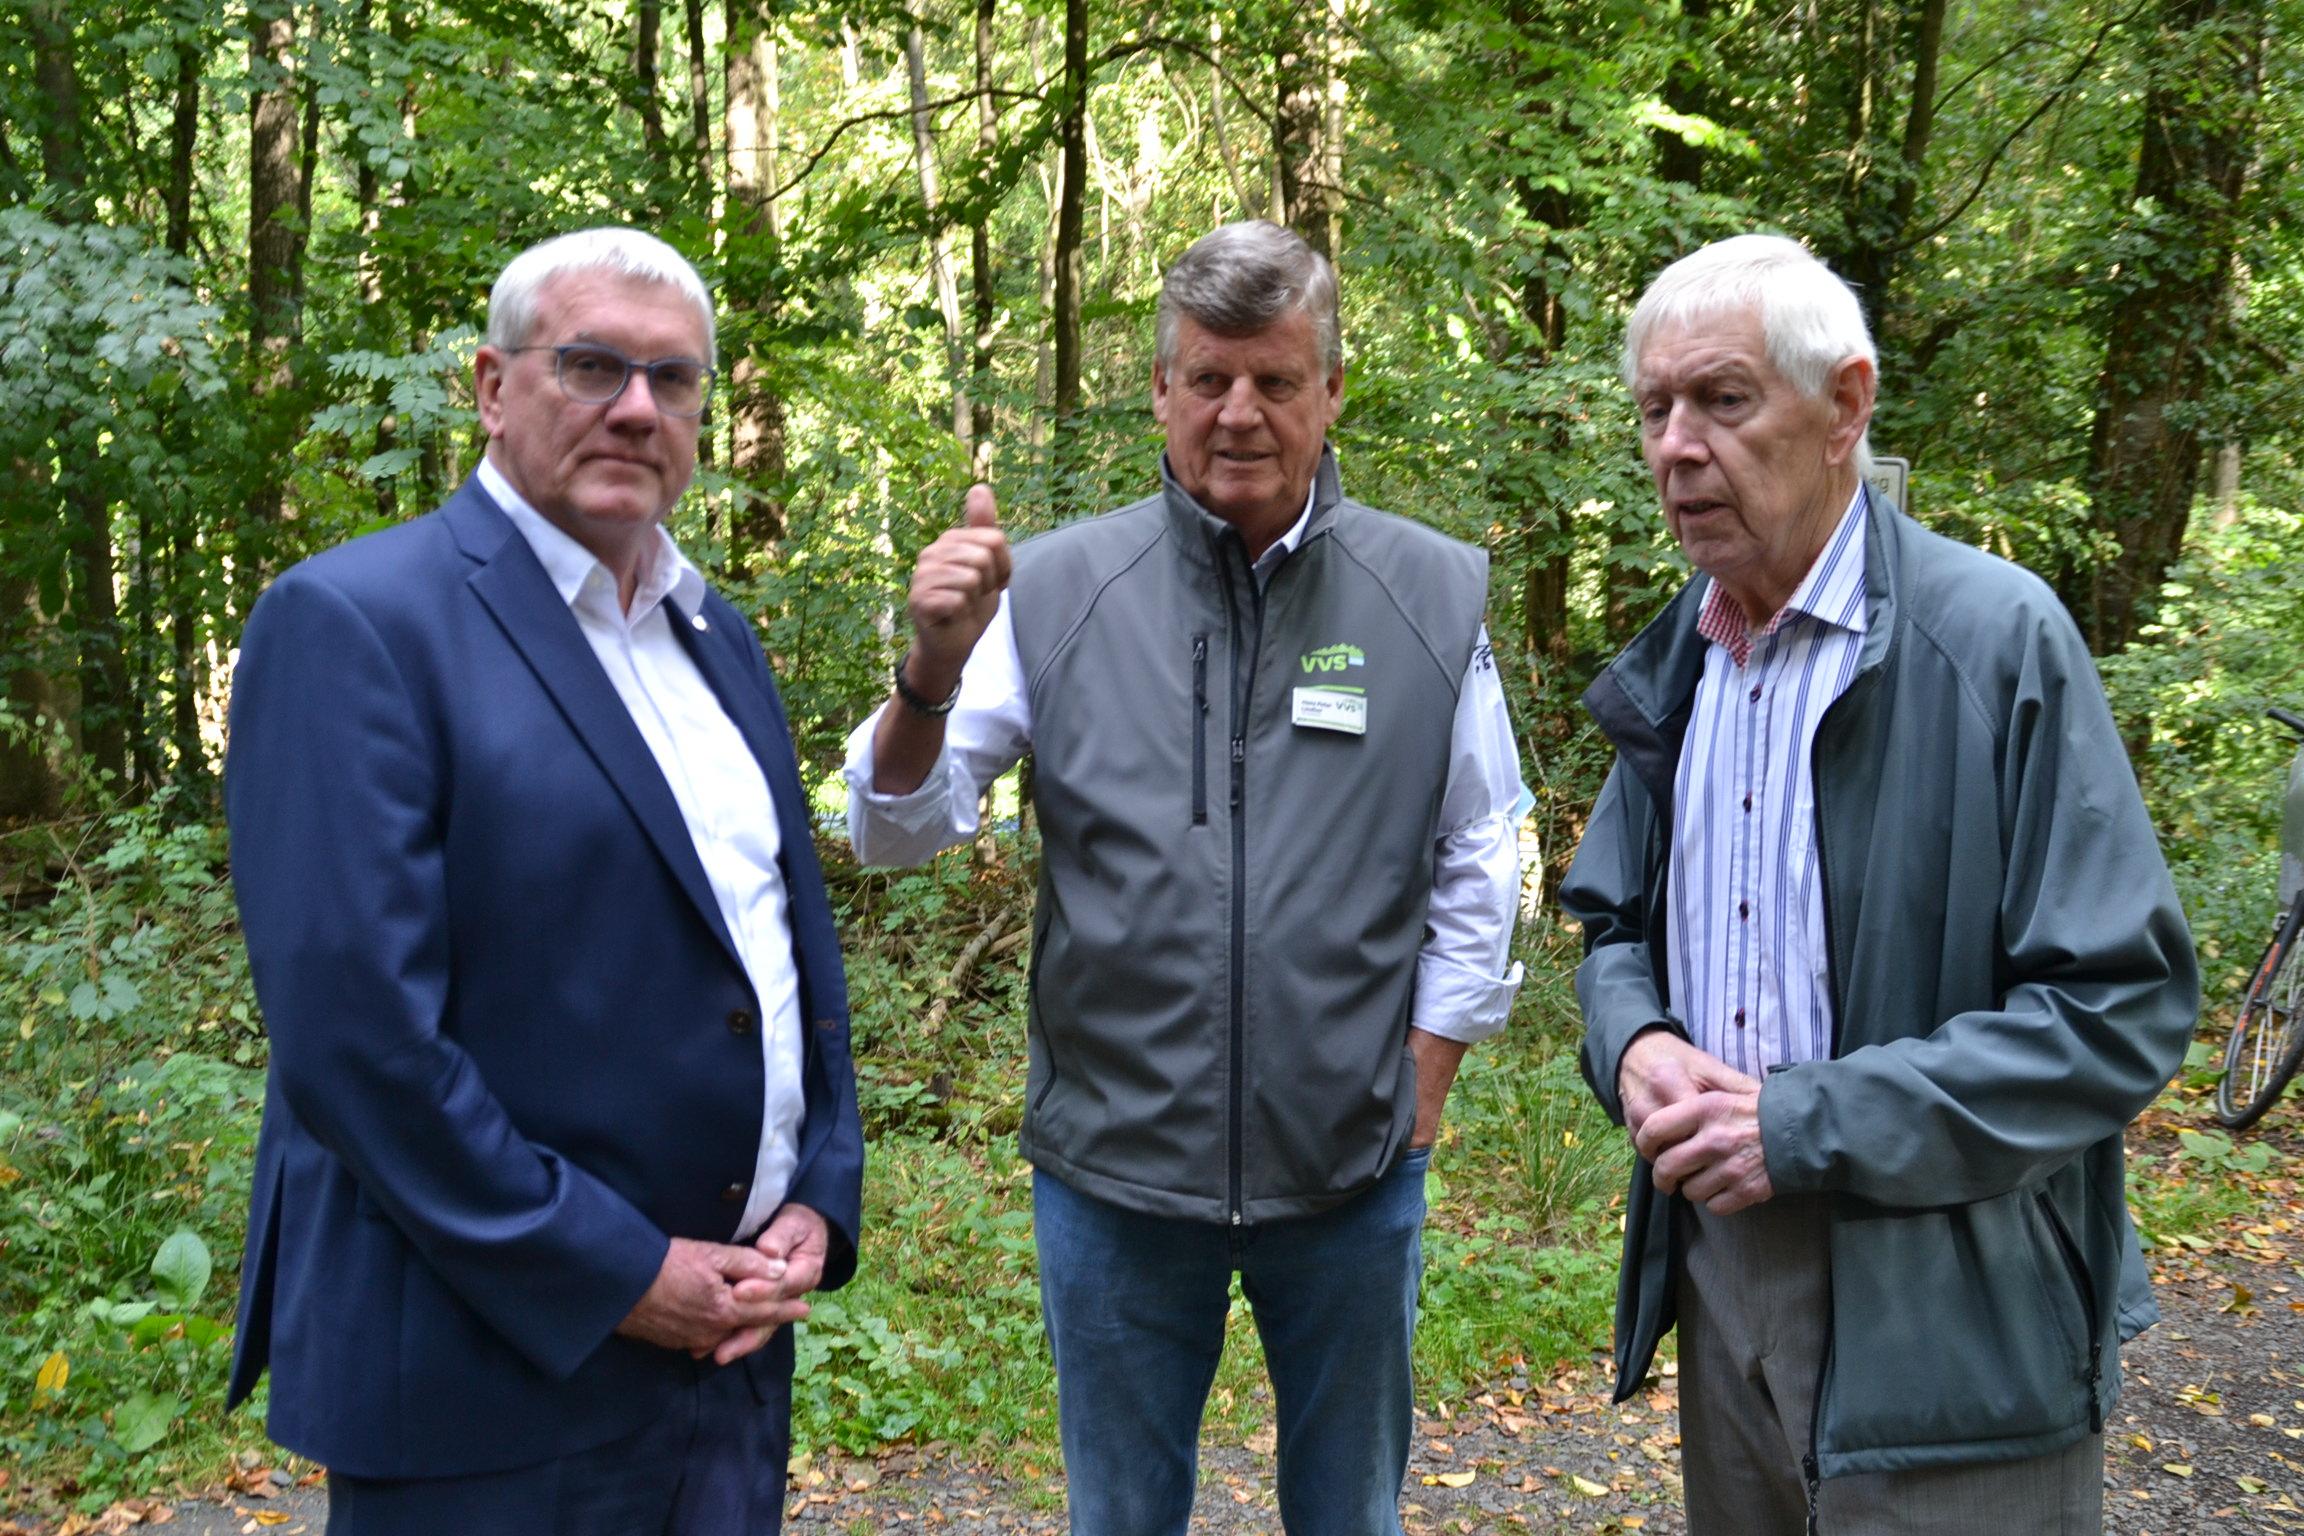 v.l.n.r. Landrat Sebastian Schuster, VVS-Vorsitzender Hans Peter Lindlar, Herbert Krämer (Foto K. Breuer)